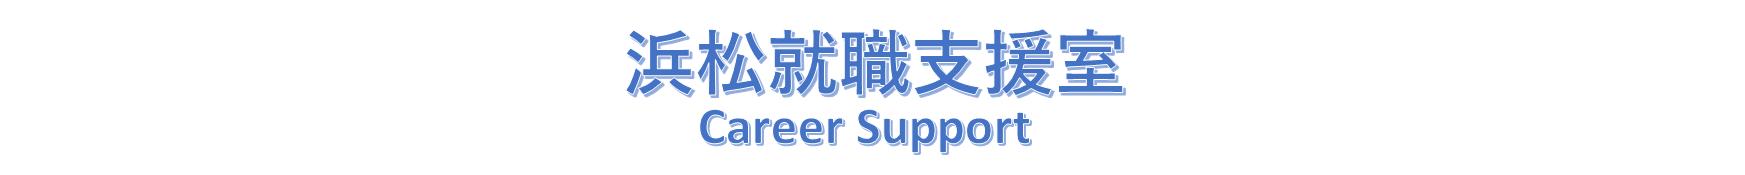 静岡大学 浜松就職支援室